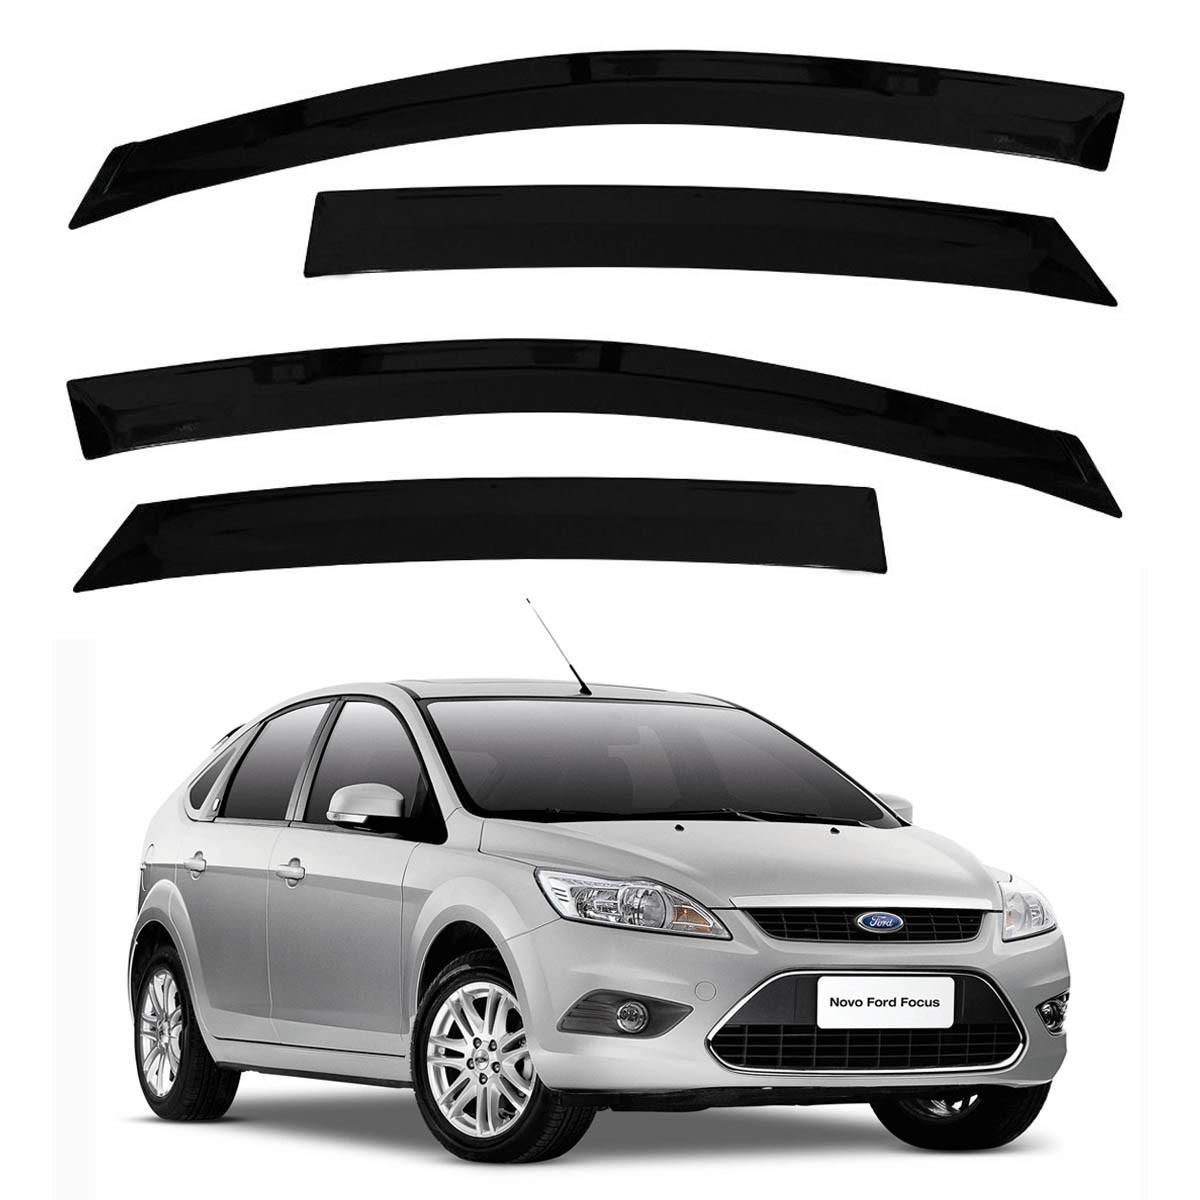 Calha de Chuva Defletor Fumê Focus Hatch e Sedan 2009 até 2013 4 Portas